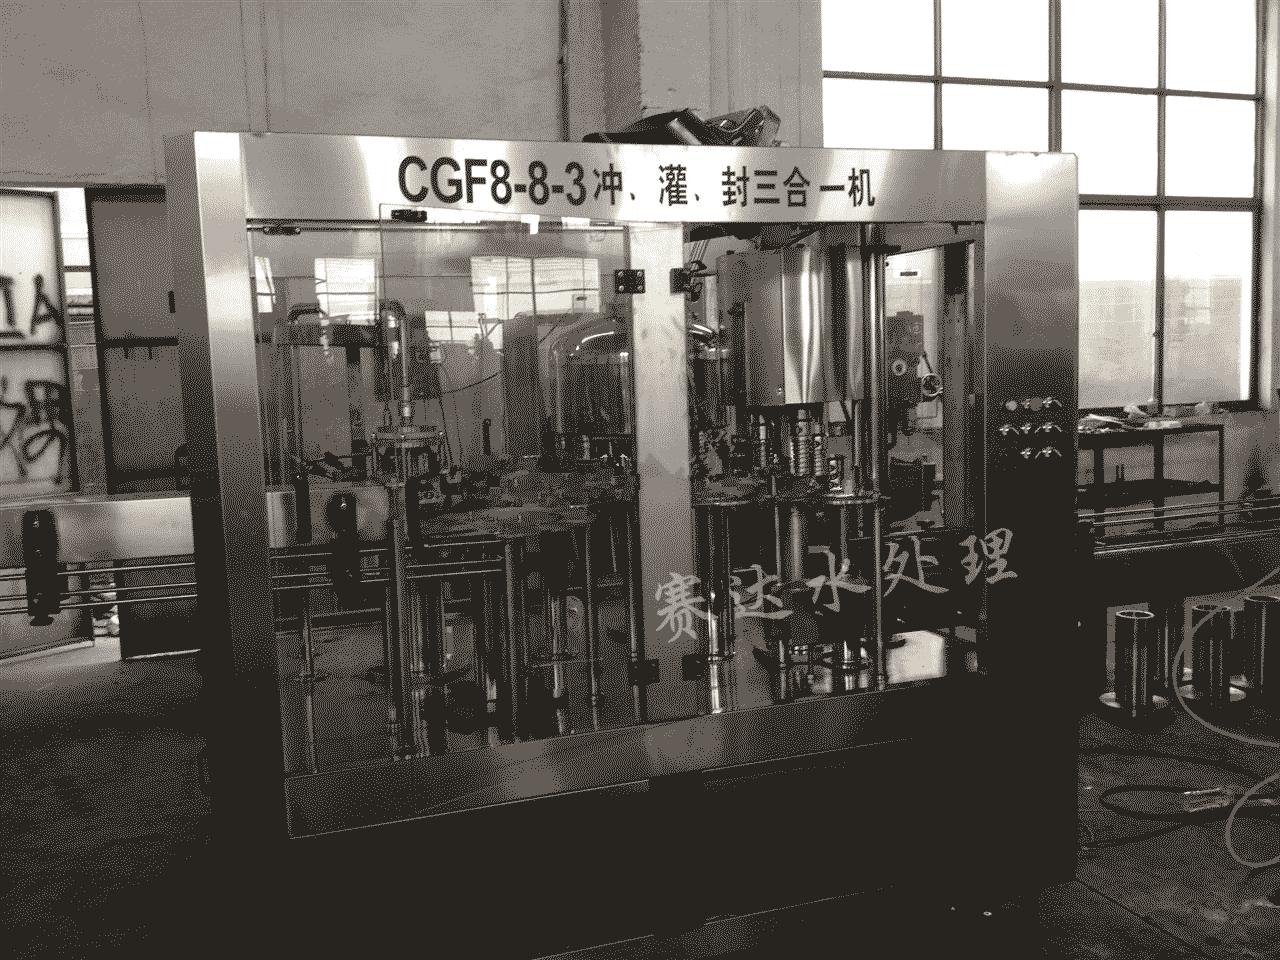 2000瓶/小时瓶装水灌装机